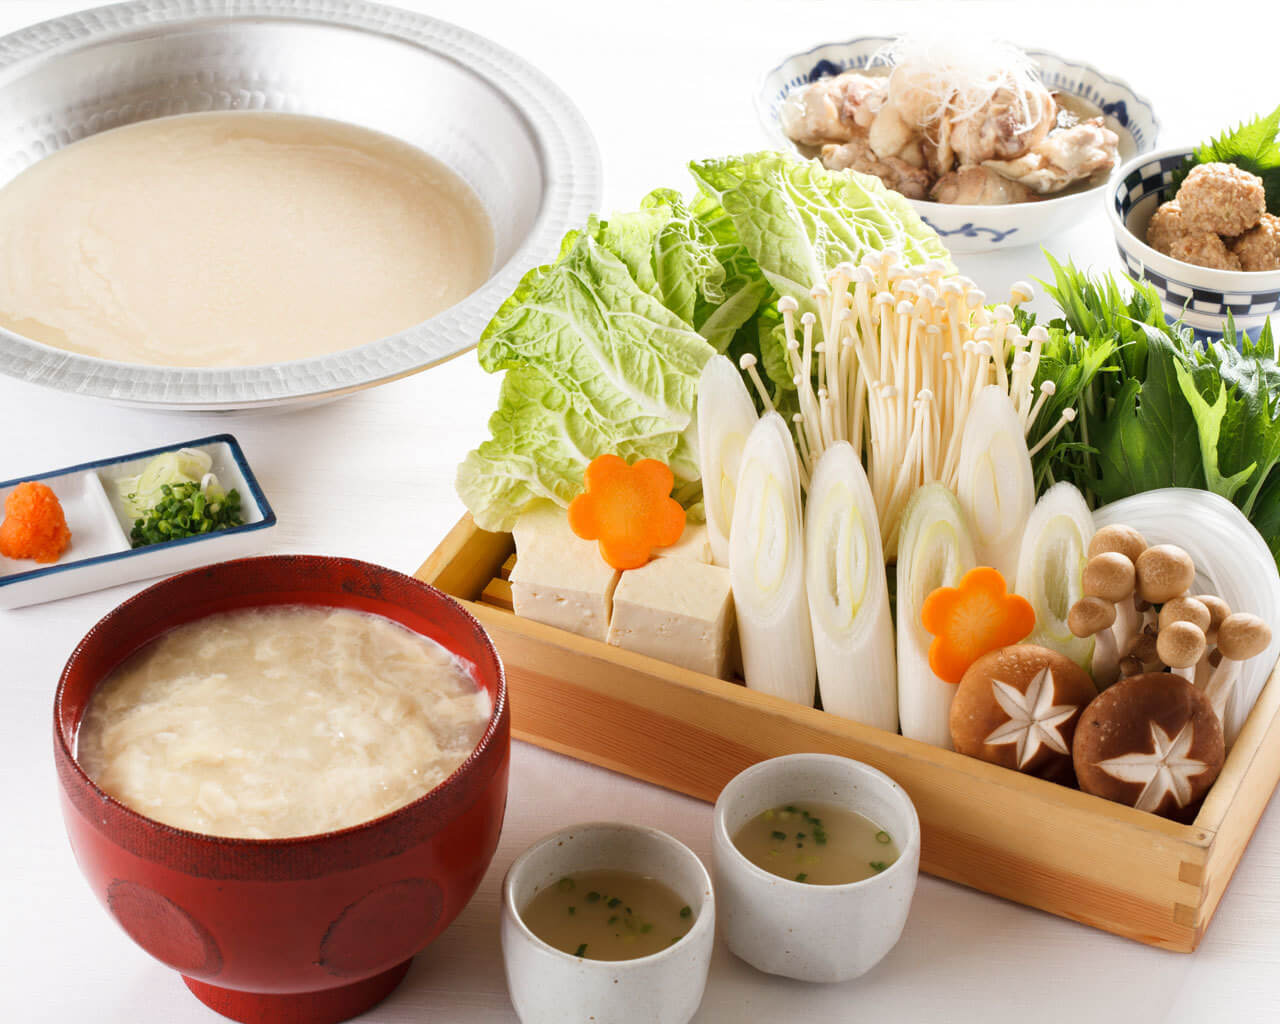 濃厚スープで鶏と野菜をいただける水炊きが名物【浅草 鶏よし】